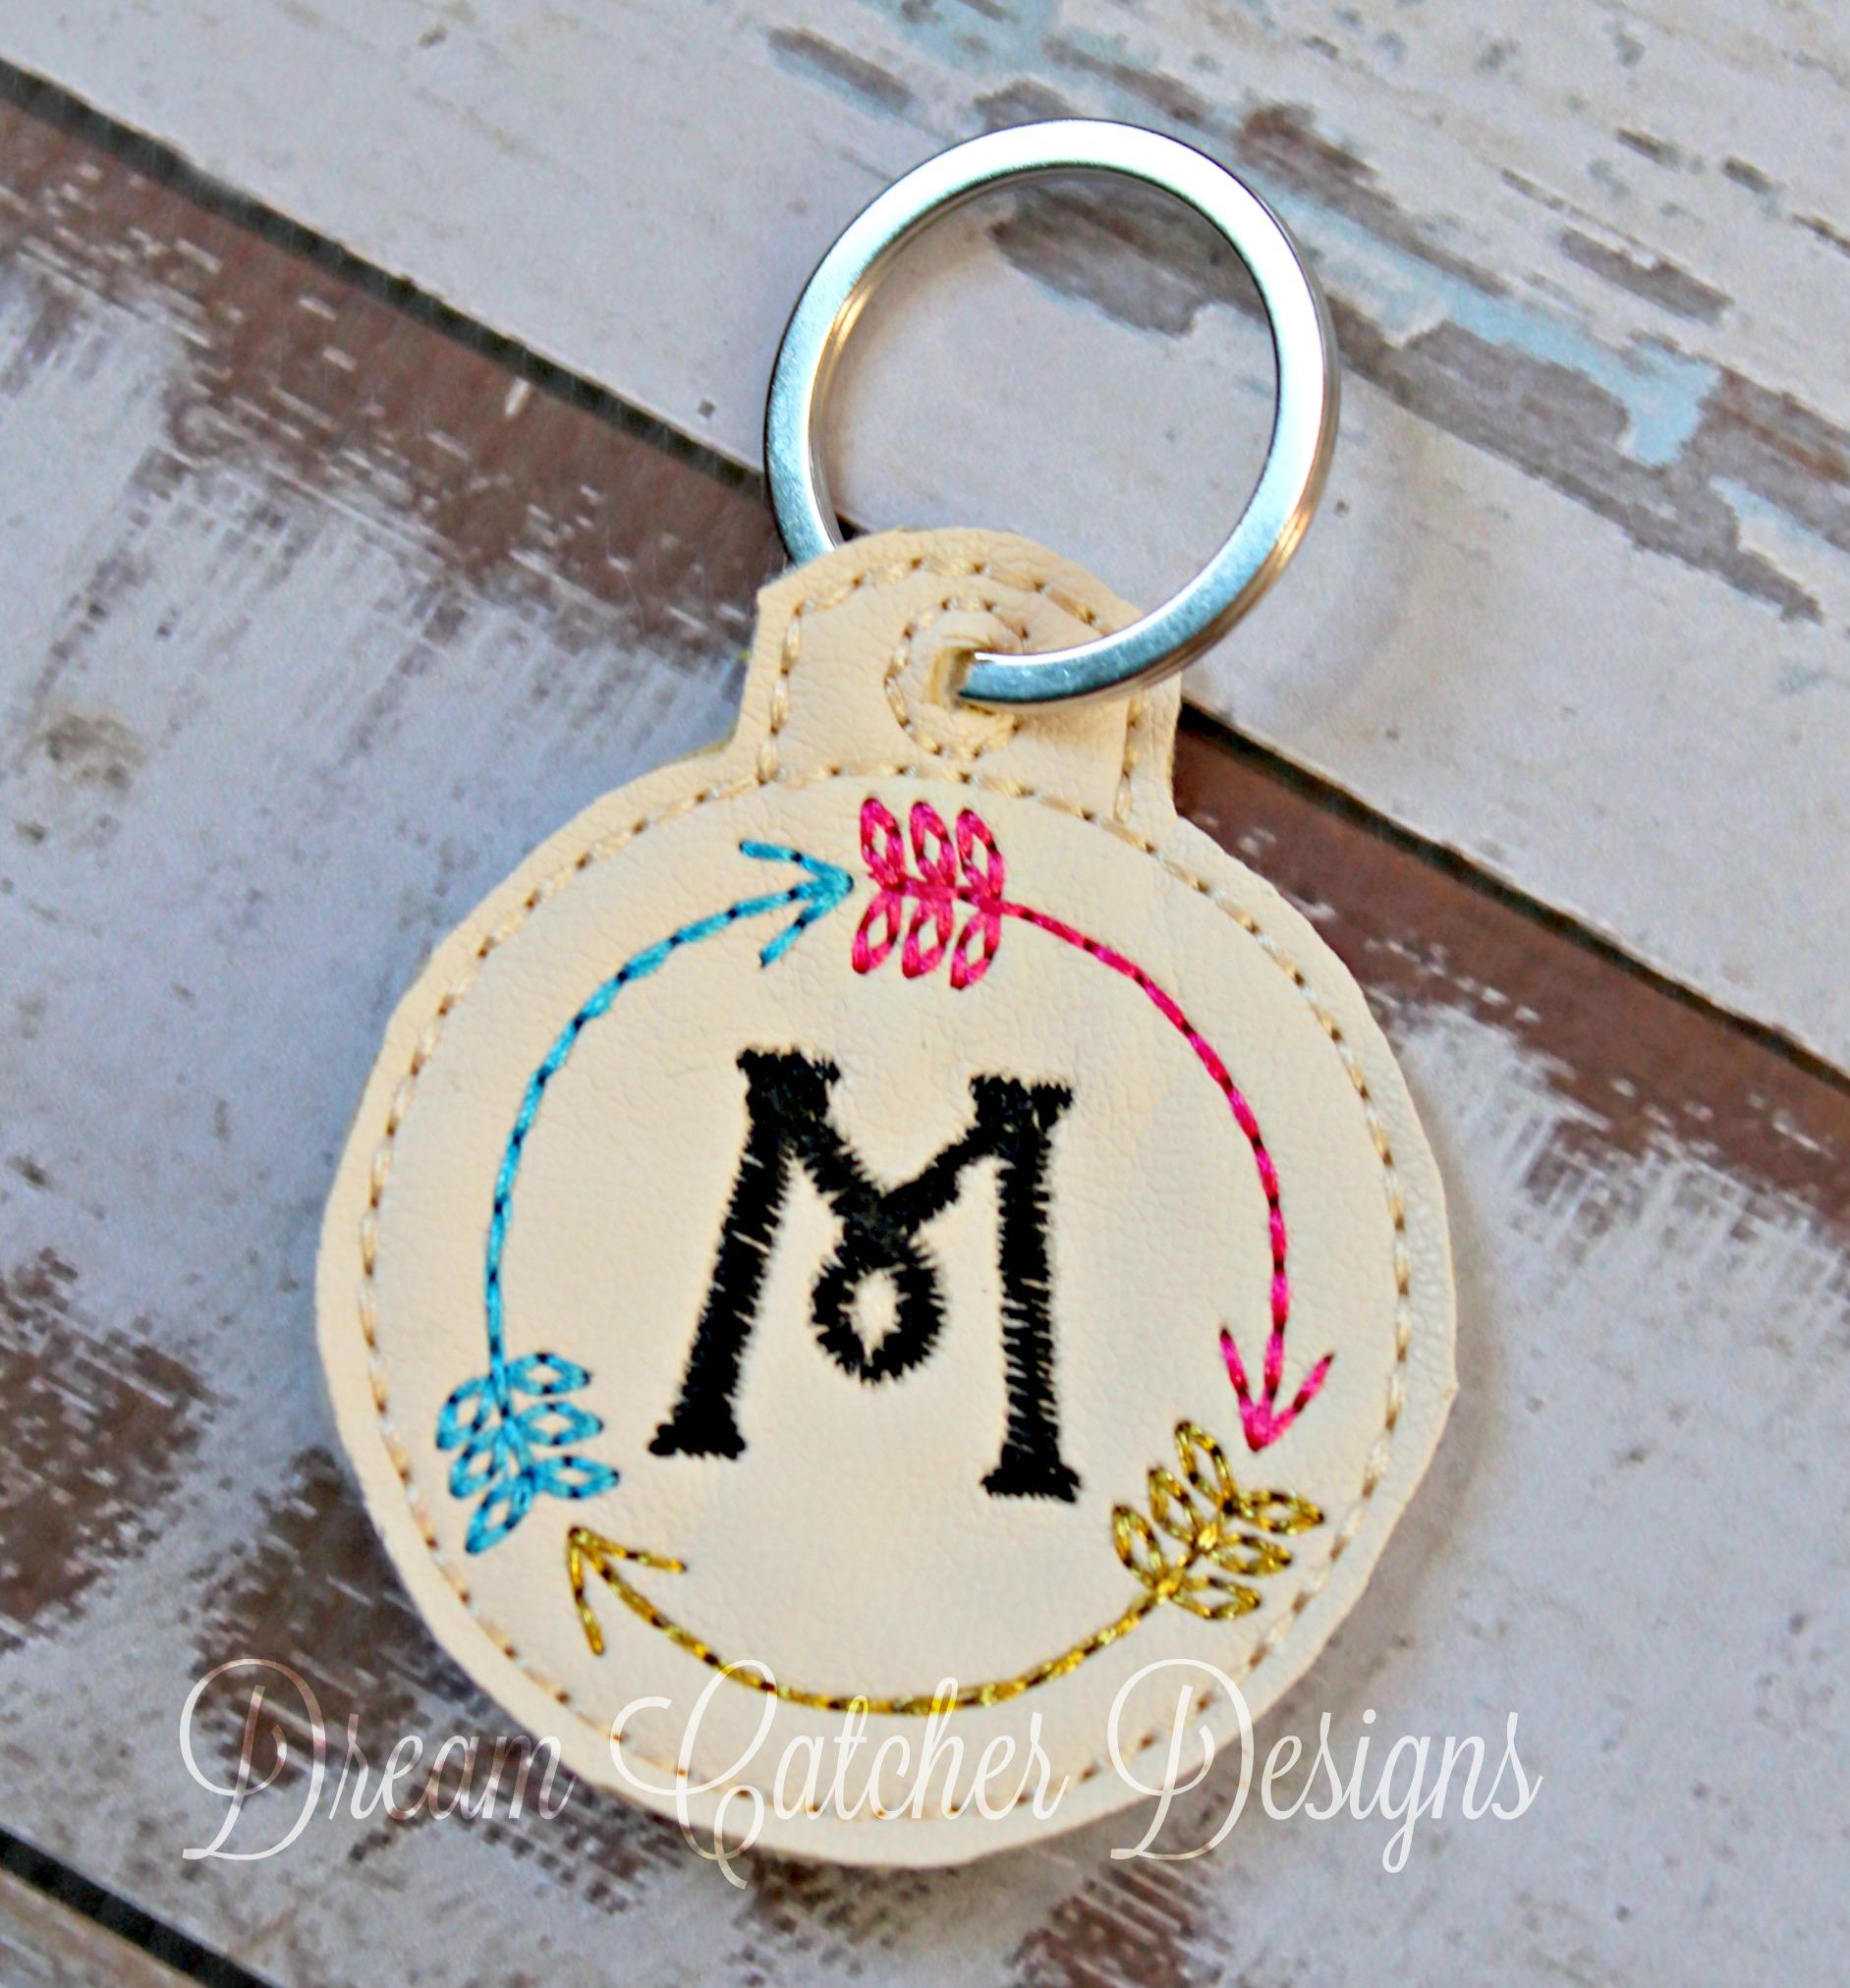 Key Fob Keychain >> In The Hoop Circle Three Arrow Monogram Key Fob Keychain Felt